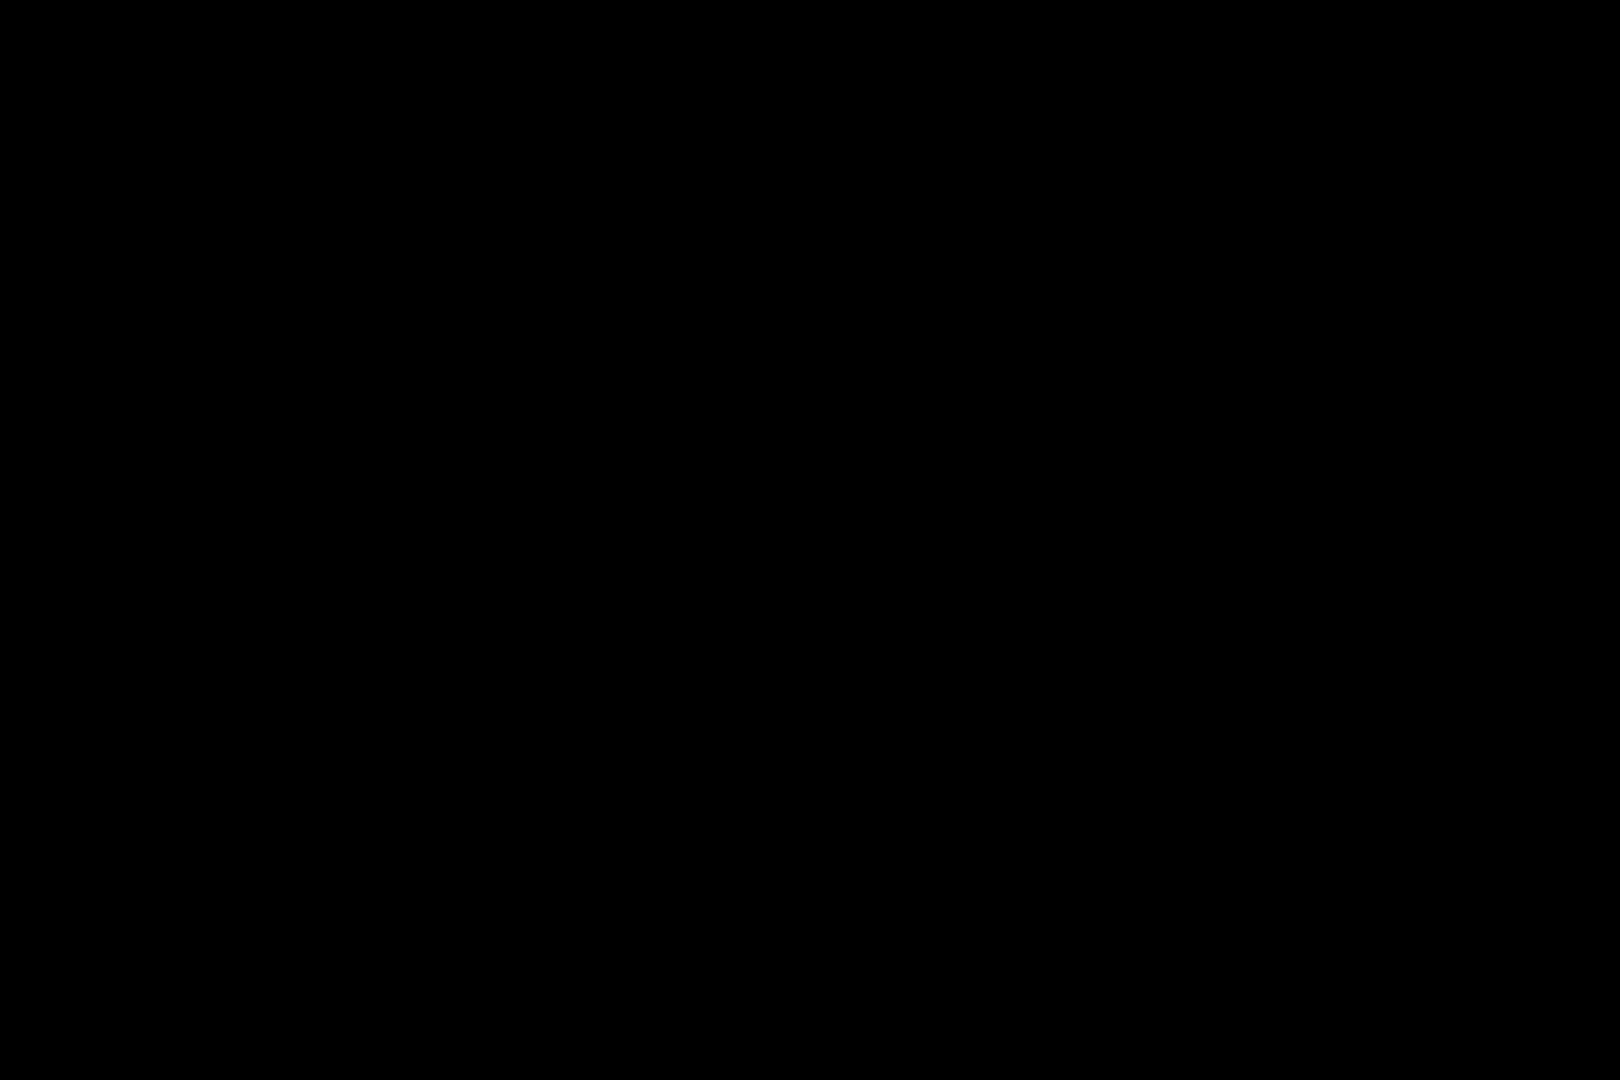 充血監督の深夜の運動会Vol.14 セックス セックス無修正動画無料 103画像 10